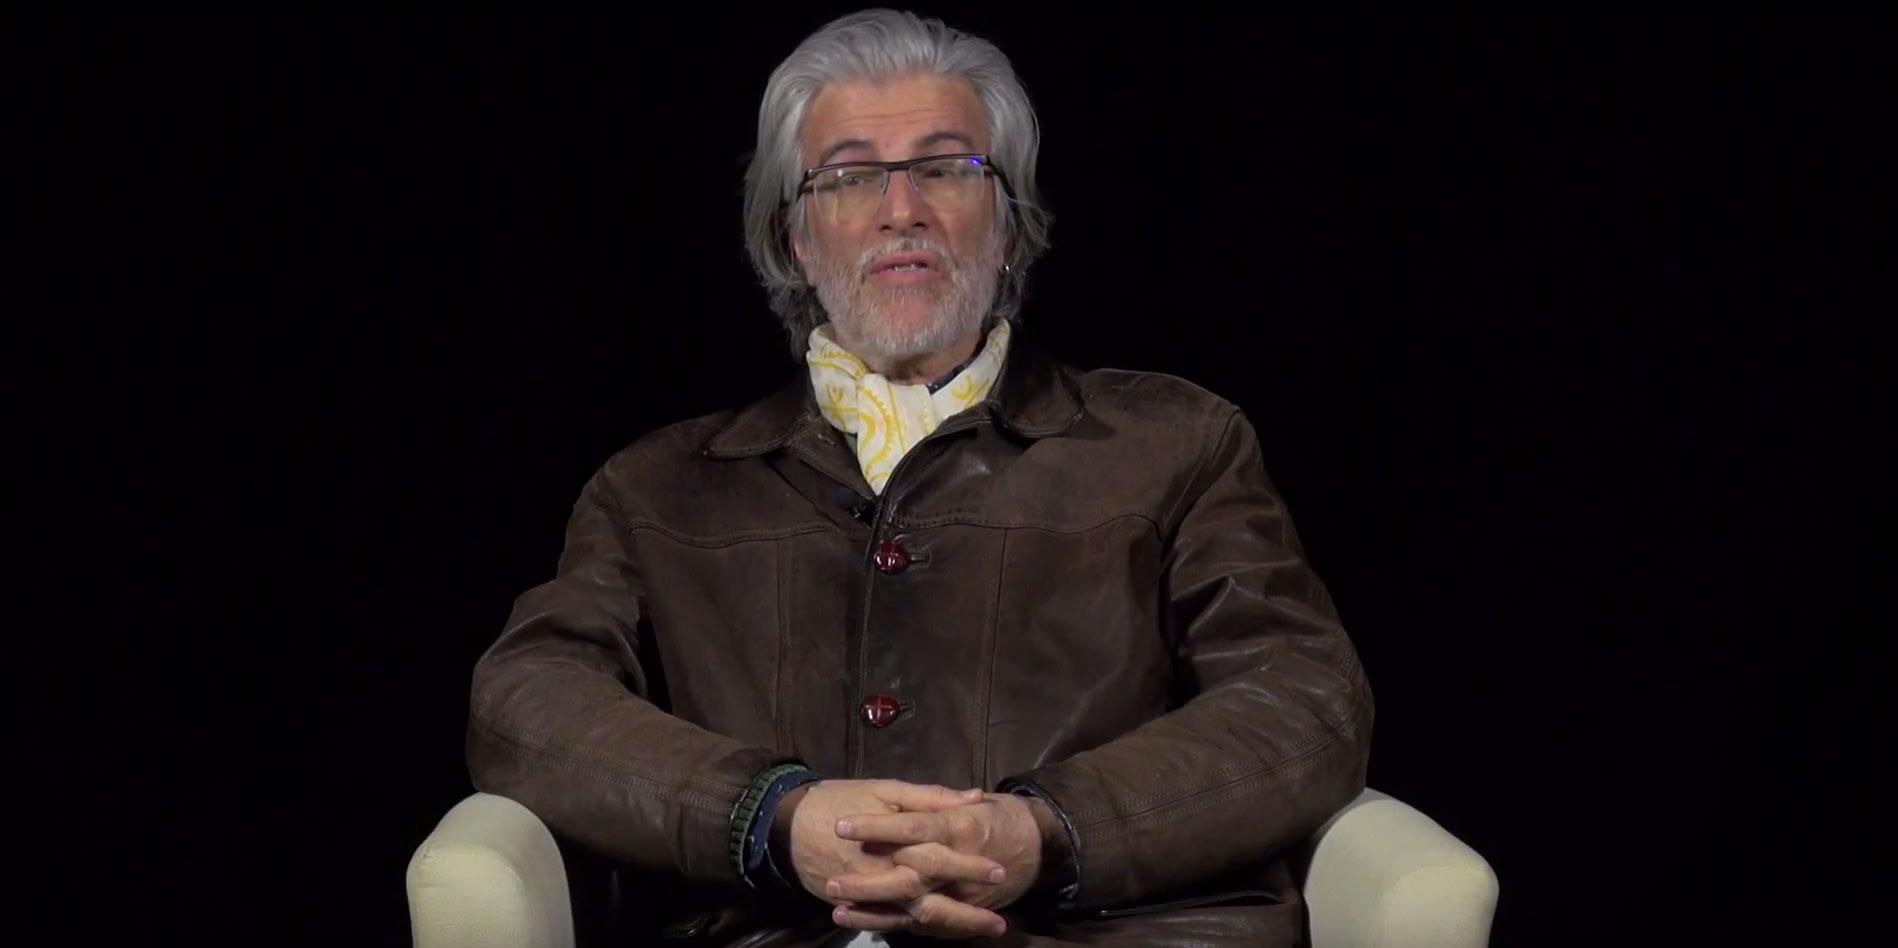 Marco Ribeiro Henriques